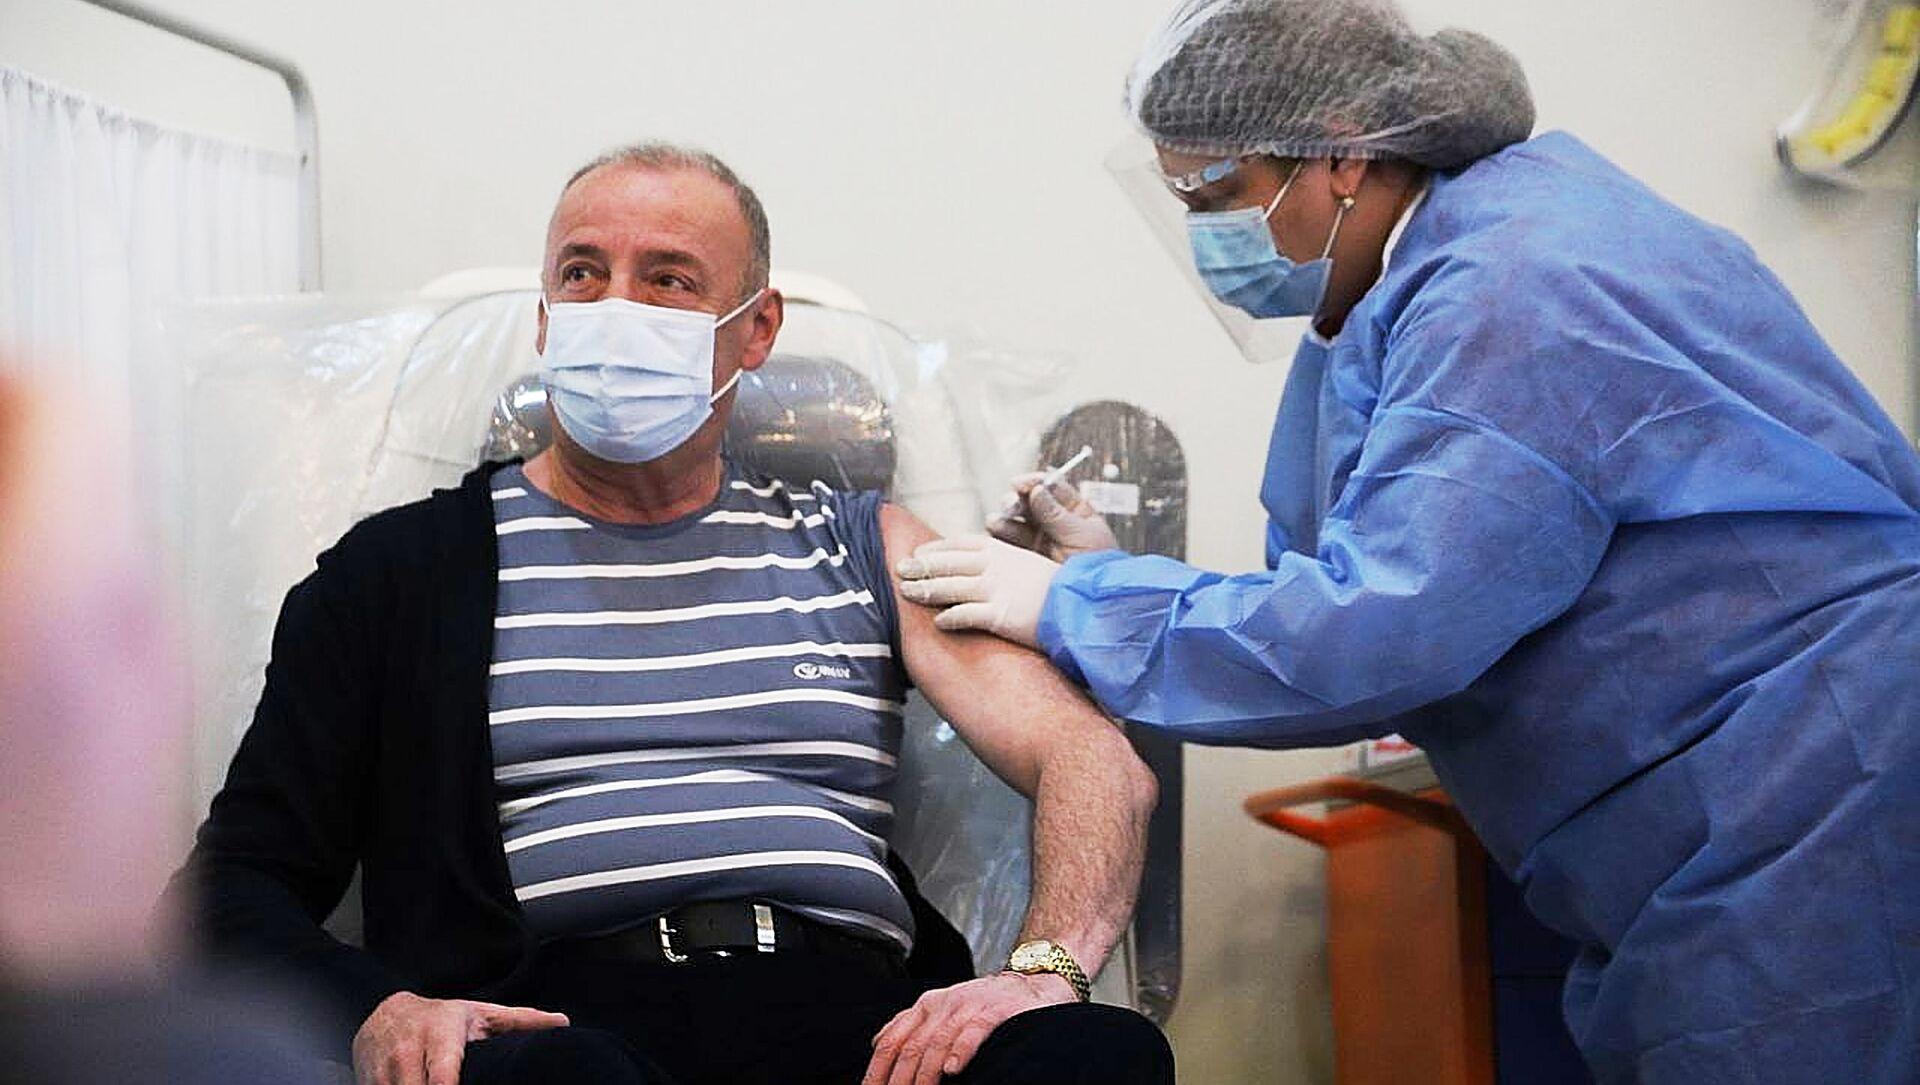 Вакцинация медиков в Тбилисской инфекционной больнице - Sputnik Грузия, 1920, 20.03.2021